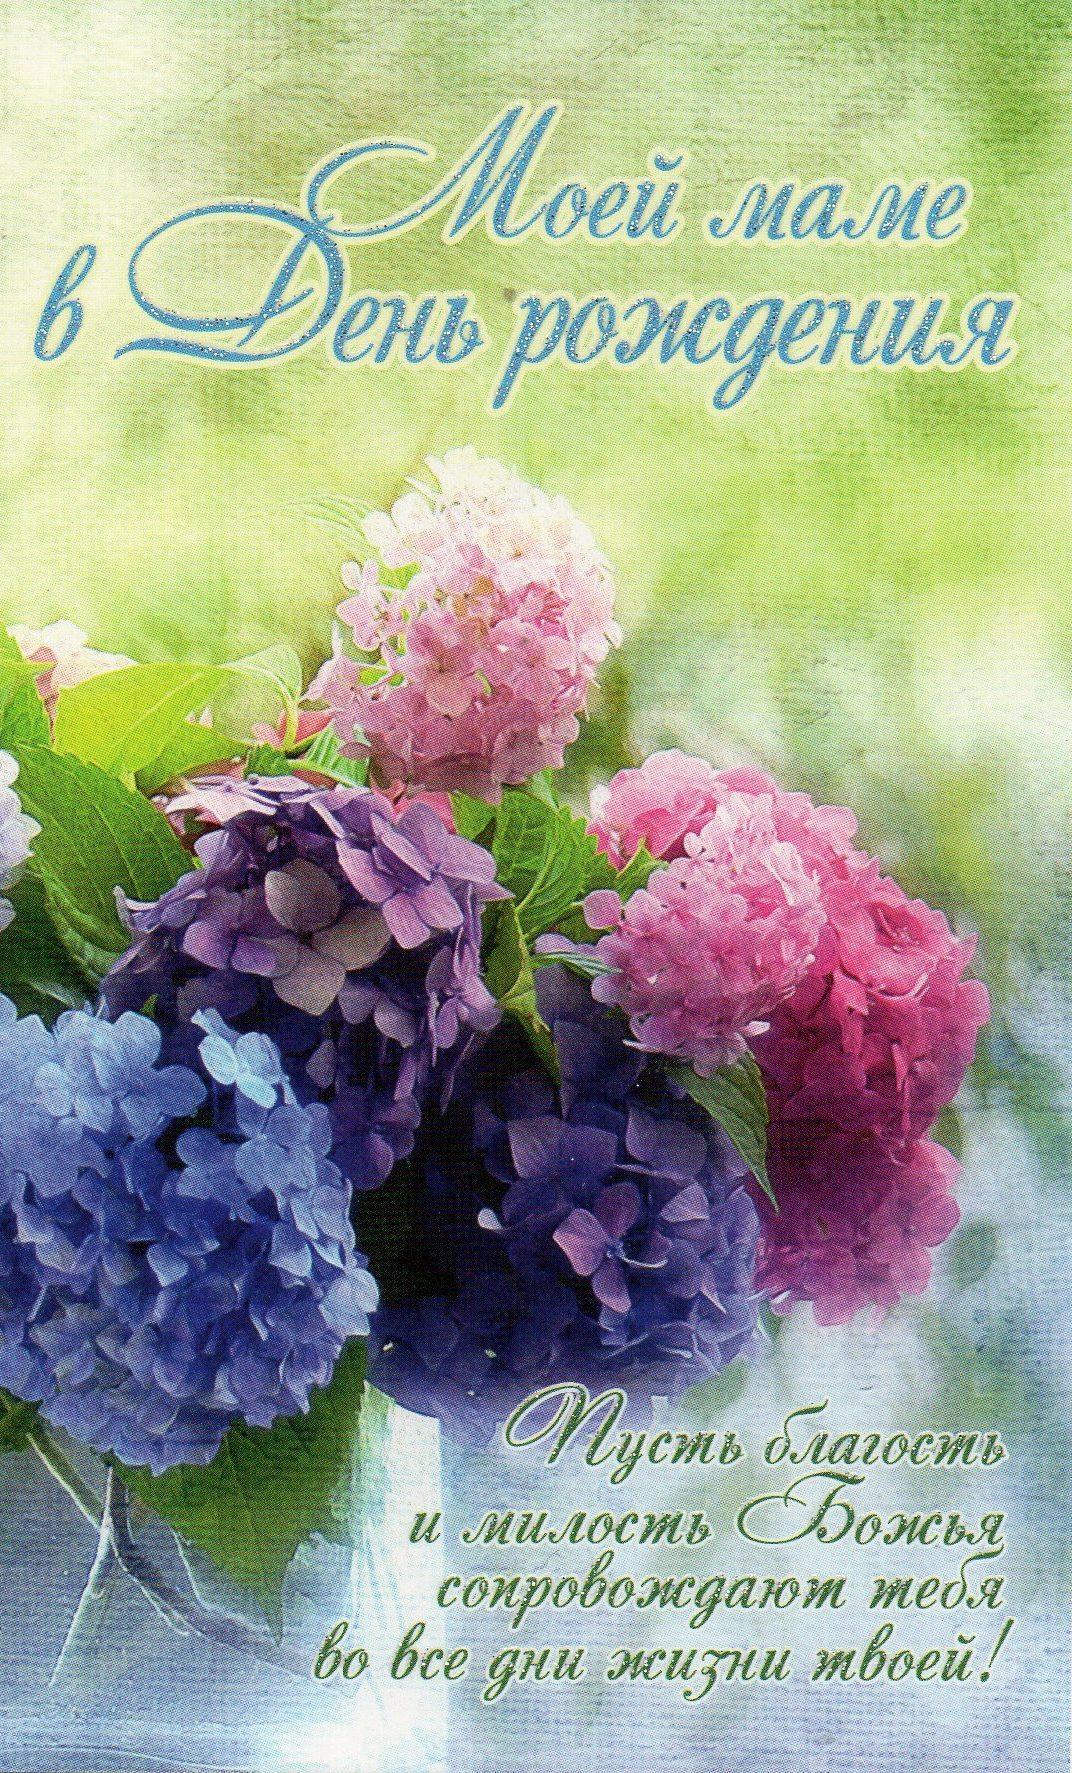 Открытой, христианские открытки поздравления с днем рождения маме